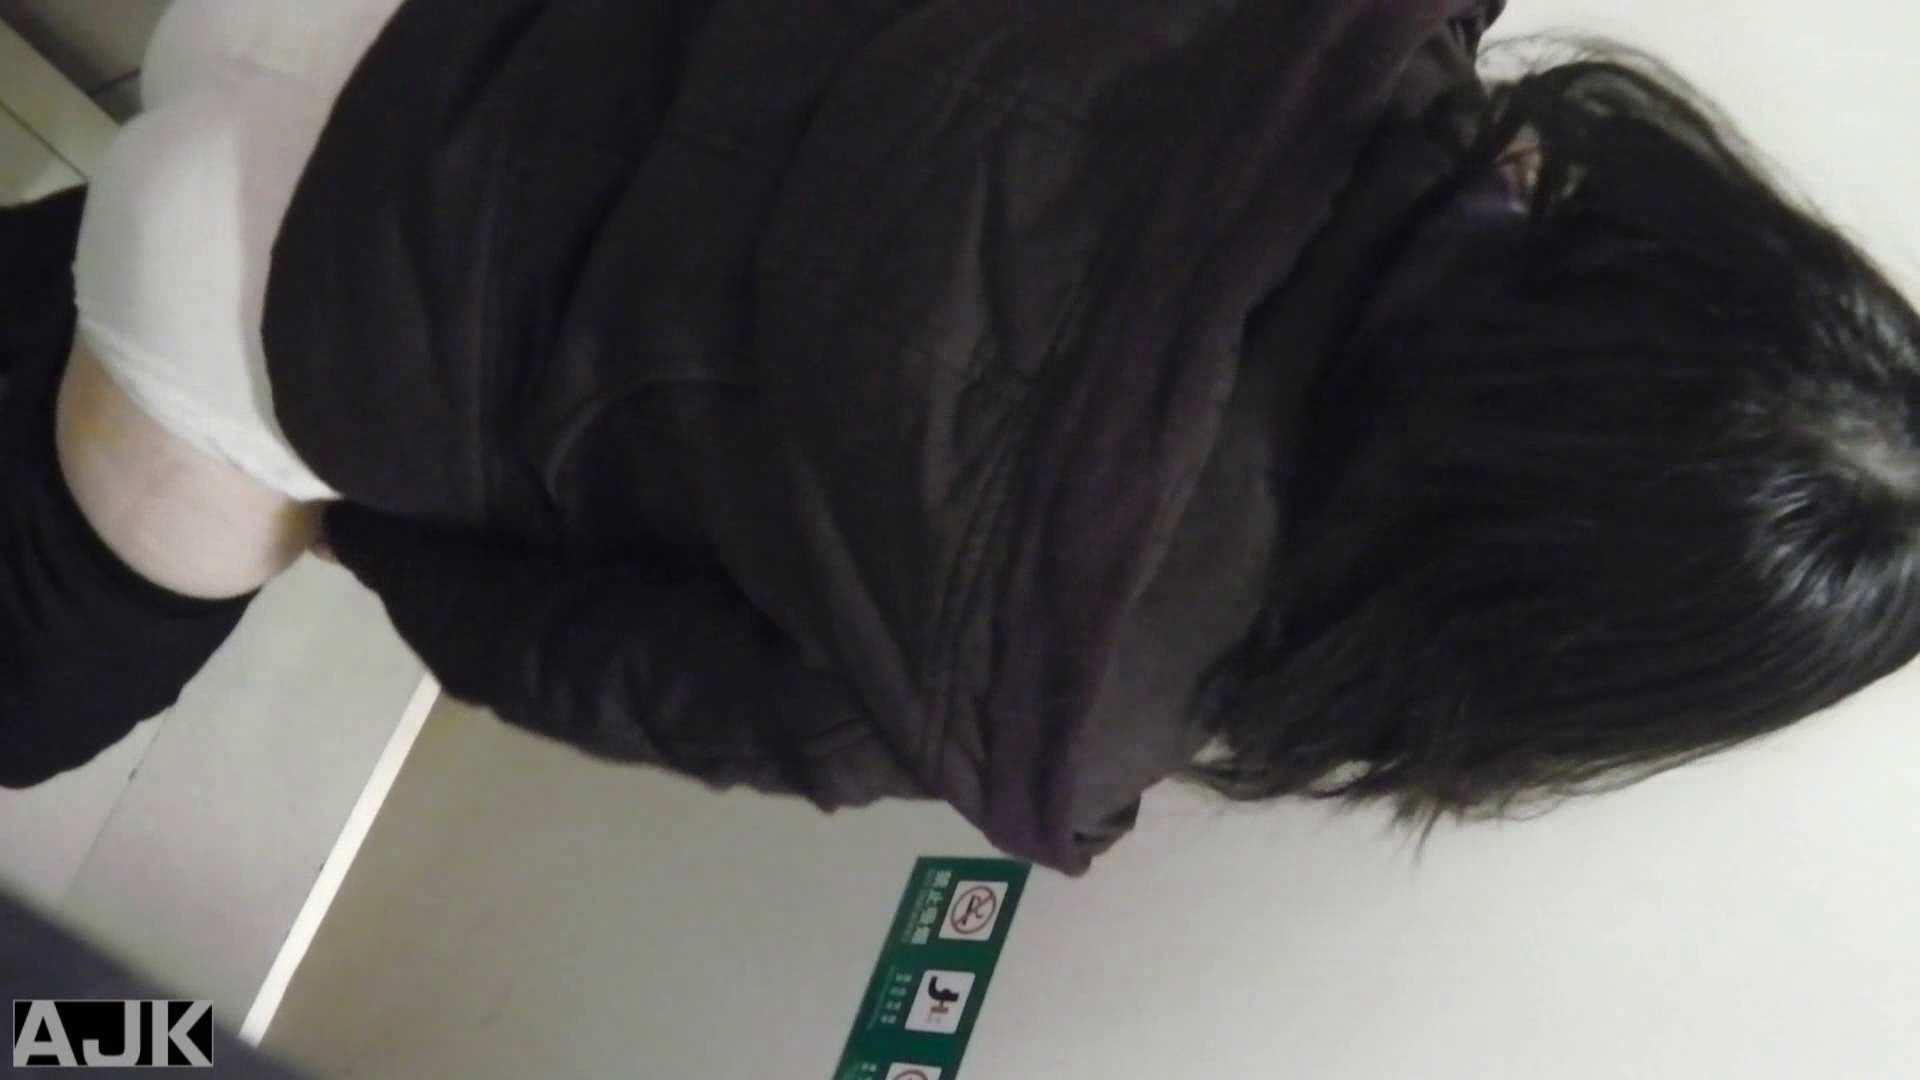 隣国上階級エリアの令嬢たちが集うデパートお手洗い Vol.09 マンコ すけべAV動画紹介 103枚 70